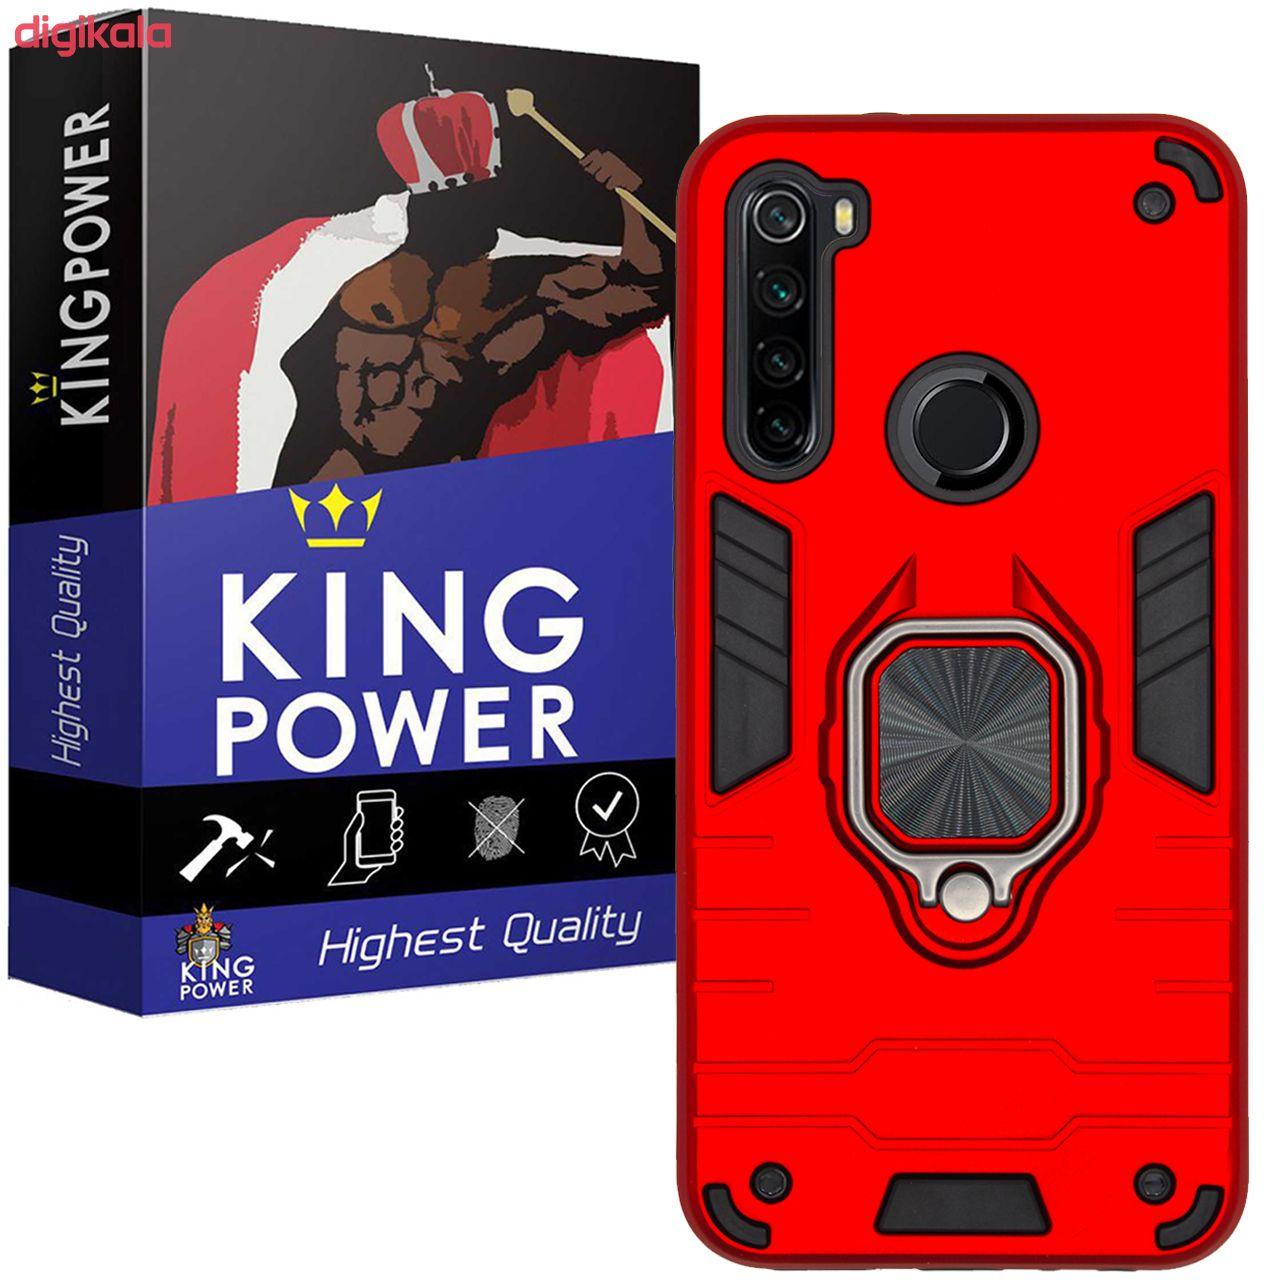 کاور کینگ پاور مدل ASH22 مناسب برای گوشی موبایل شیائومی Redmi Note 8 main 1 2